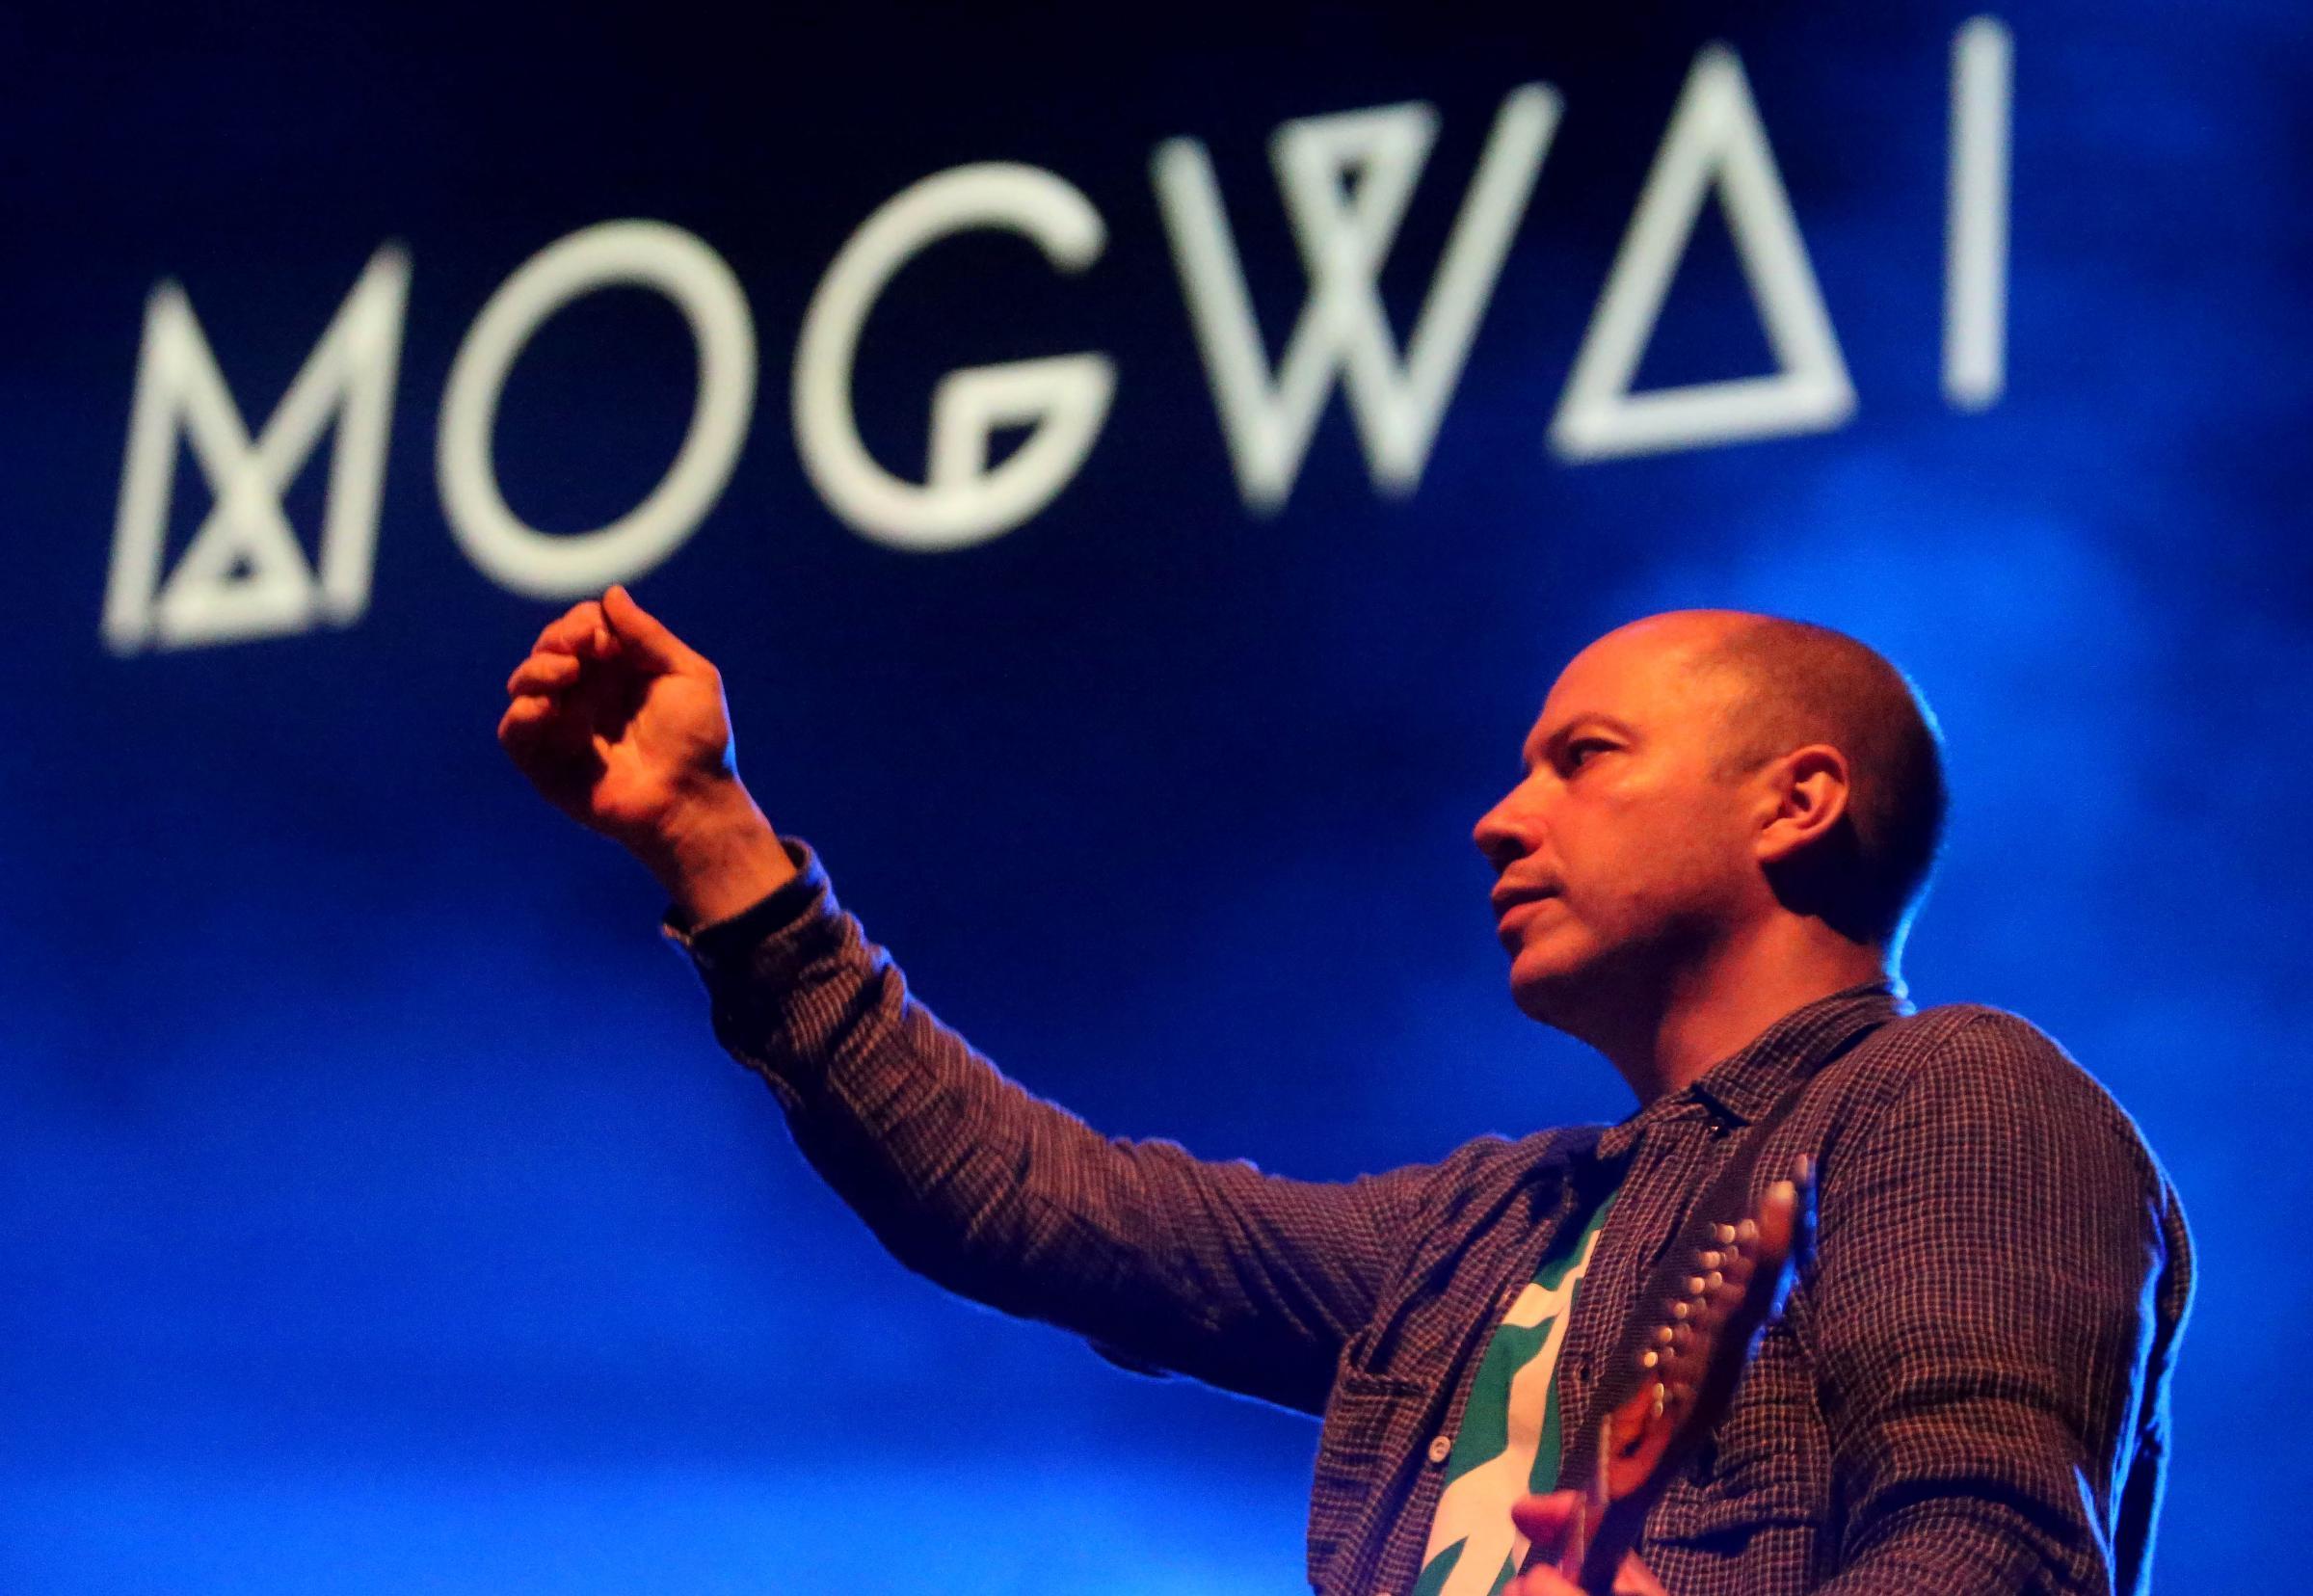 Mogwai meraih penghargaan Album Tahun Ini Skotlandia